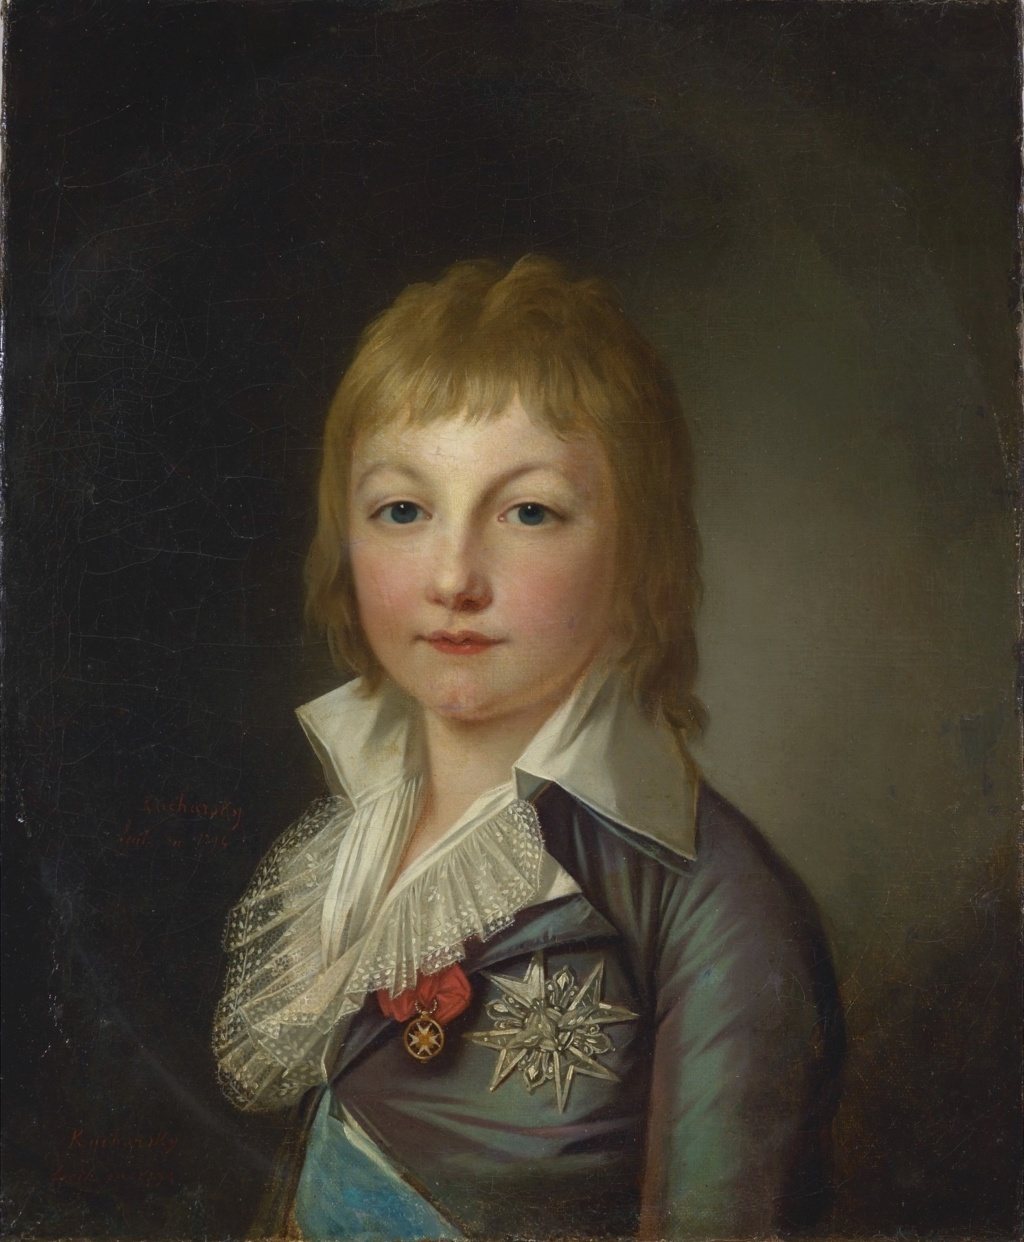 Portraits des dauphins Louis-Joseph ou Louis-Charles ? - Page 2 V1_zkw10